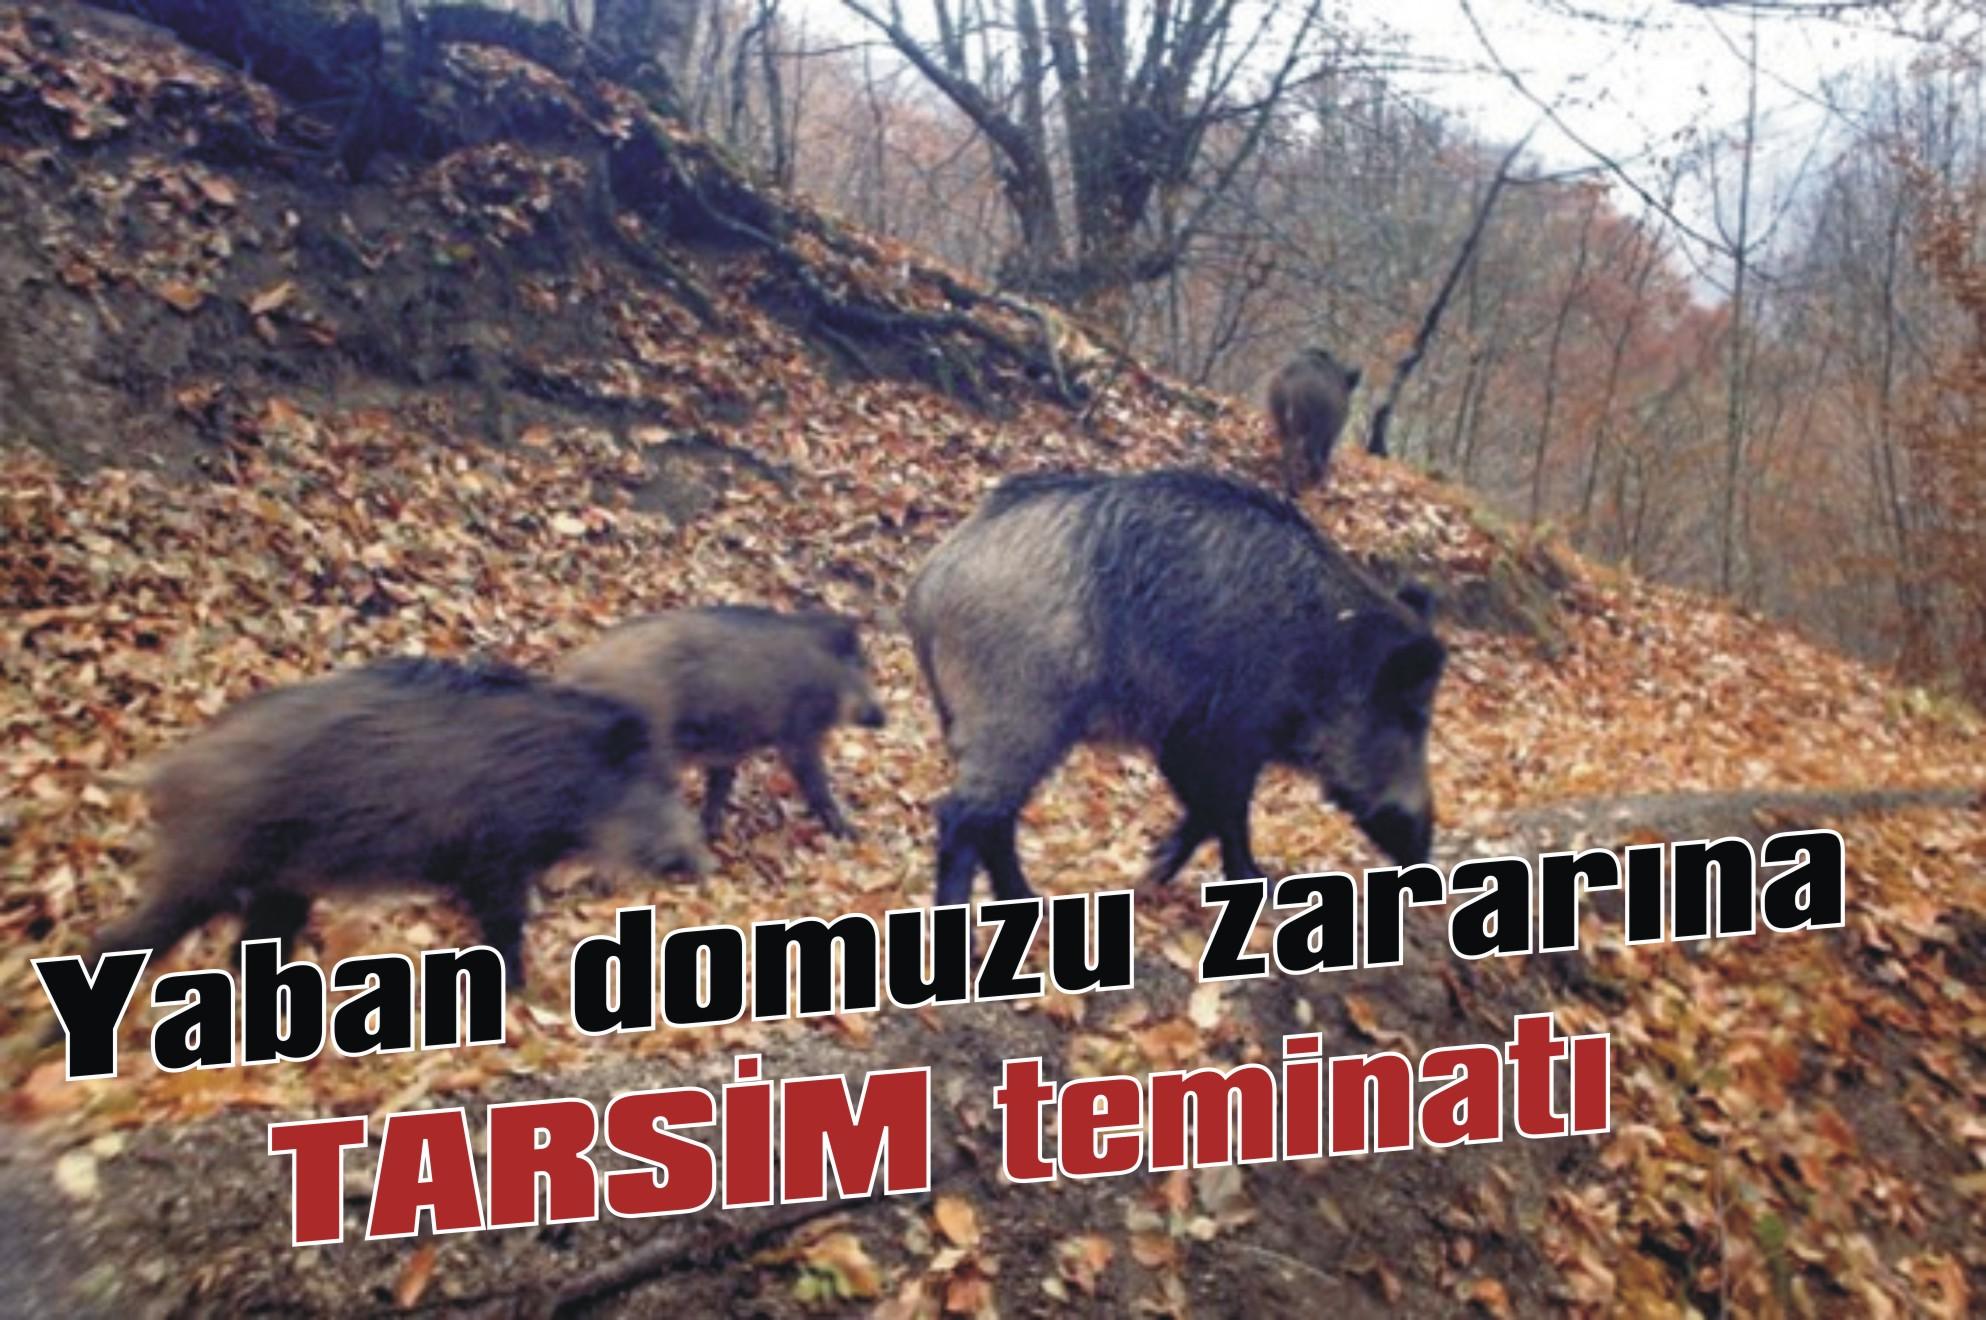 Yaban domuzu zararına TARSİM teminatı